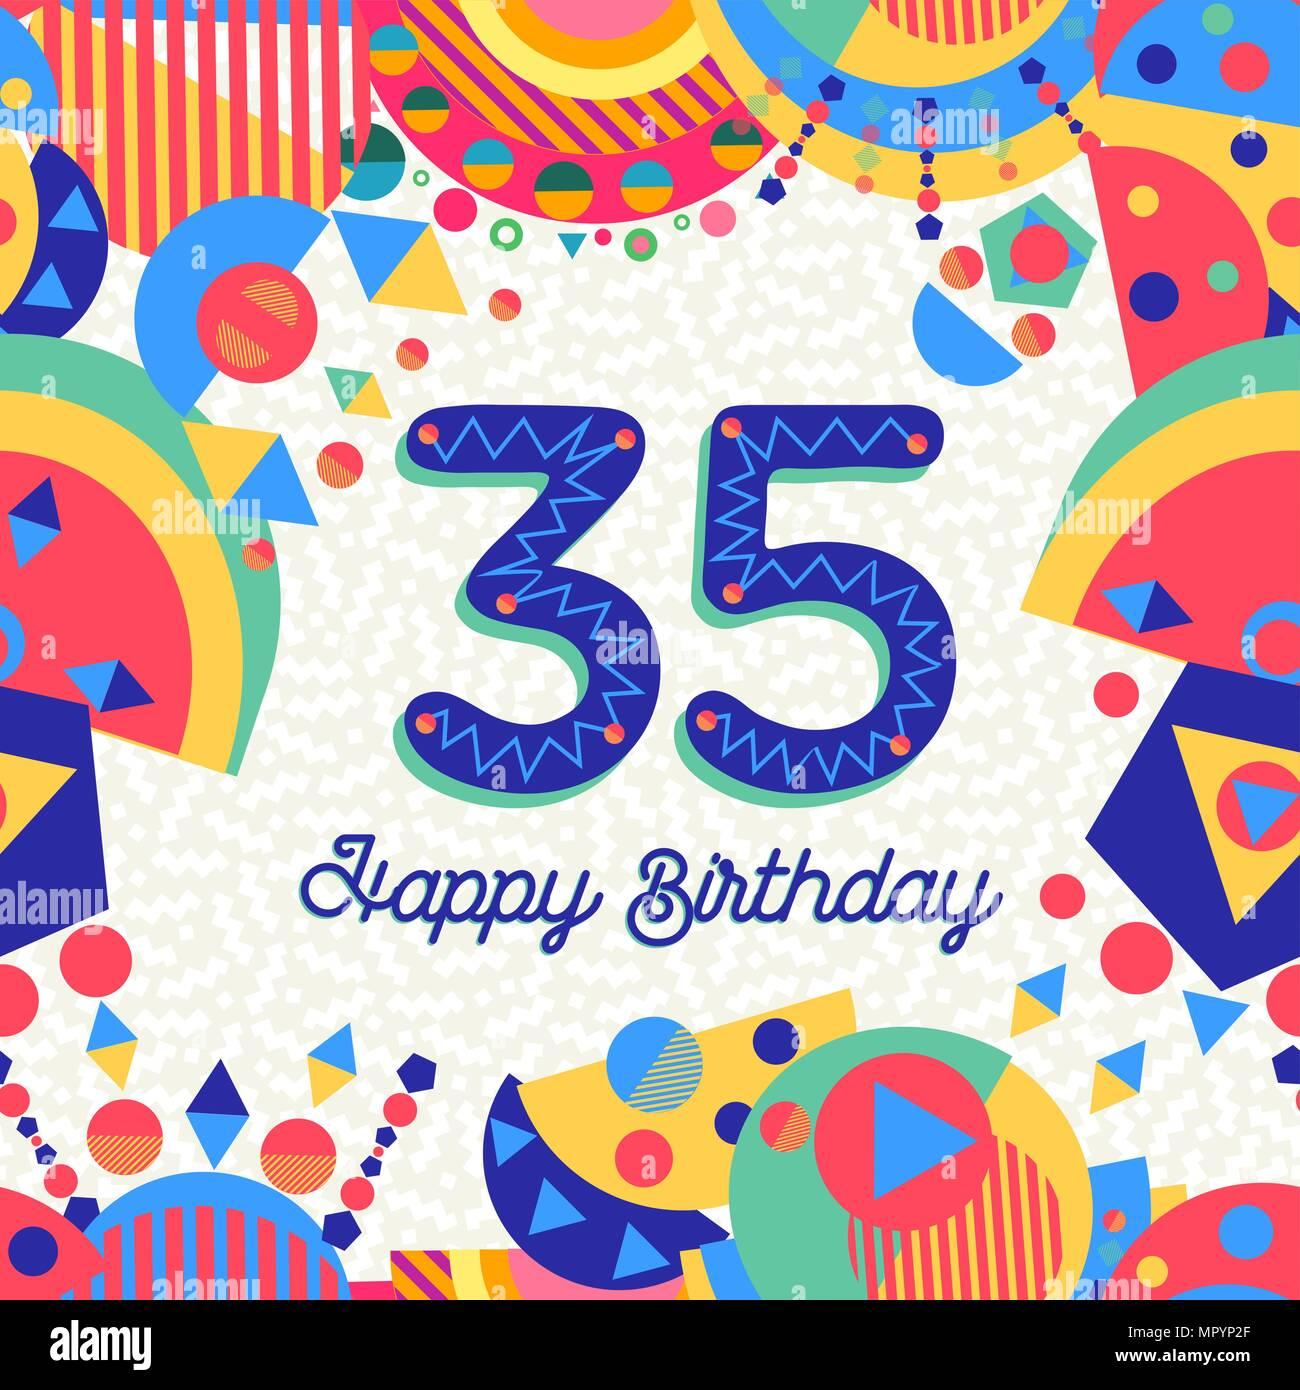 Auguri Di Buon Compleanno 35 Anni.Buon Compleanno Trenta Cinque 35 Anno Design Divertente Con